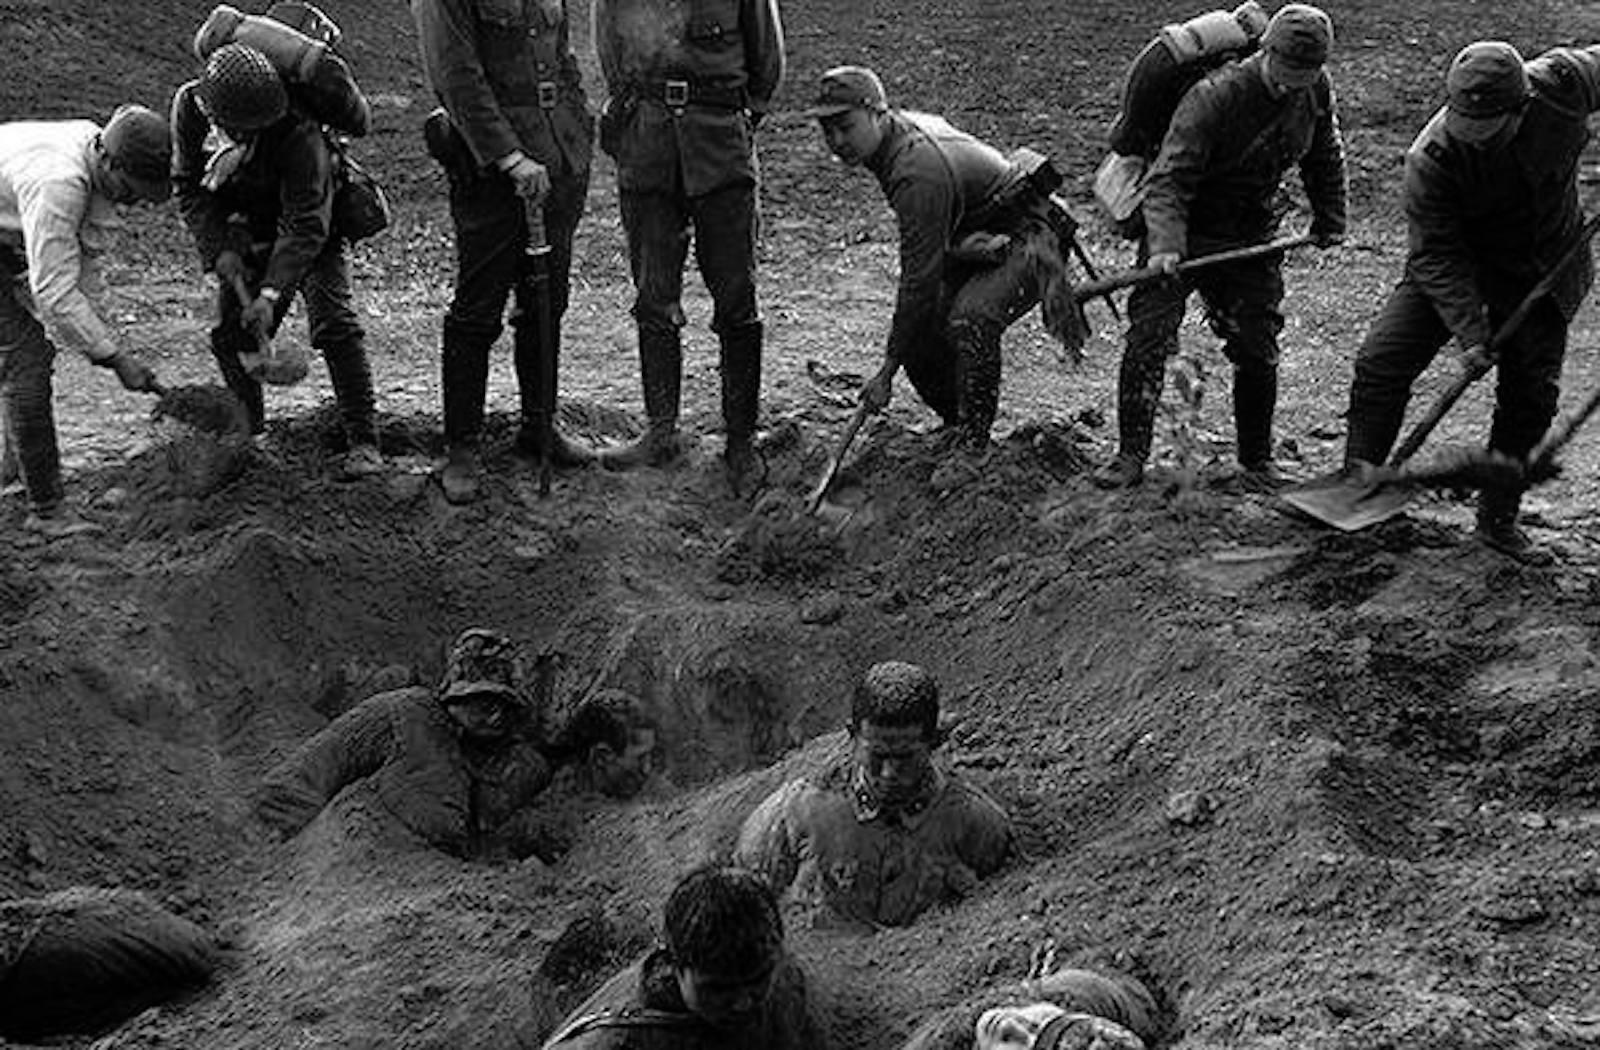 Японские солдаты закапывают заживо китайских военнопленных